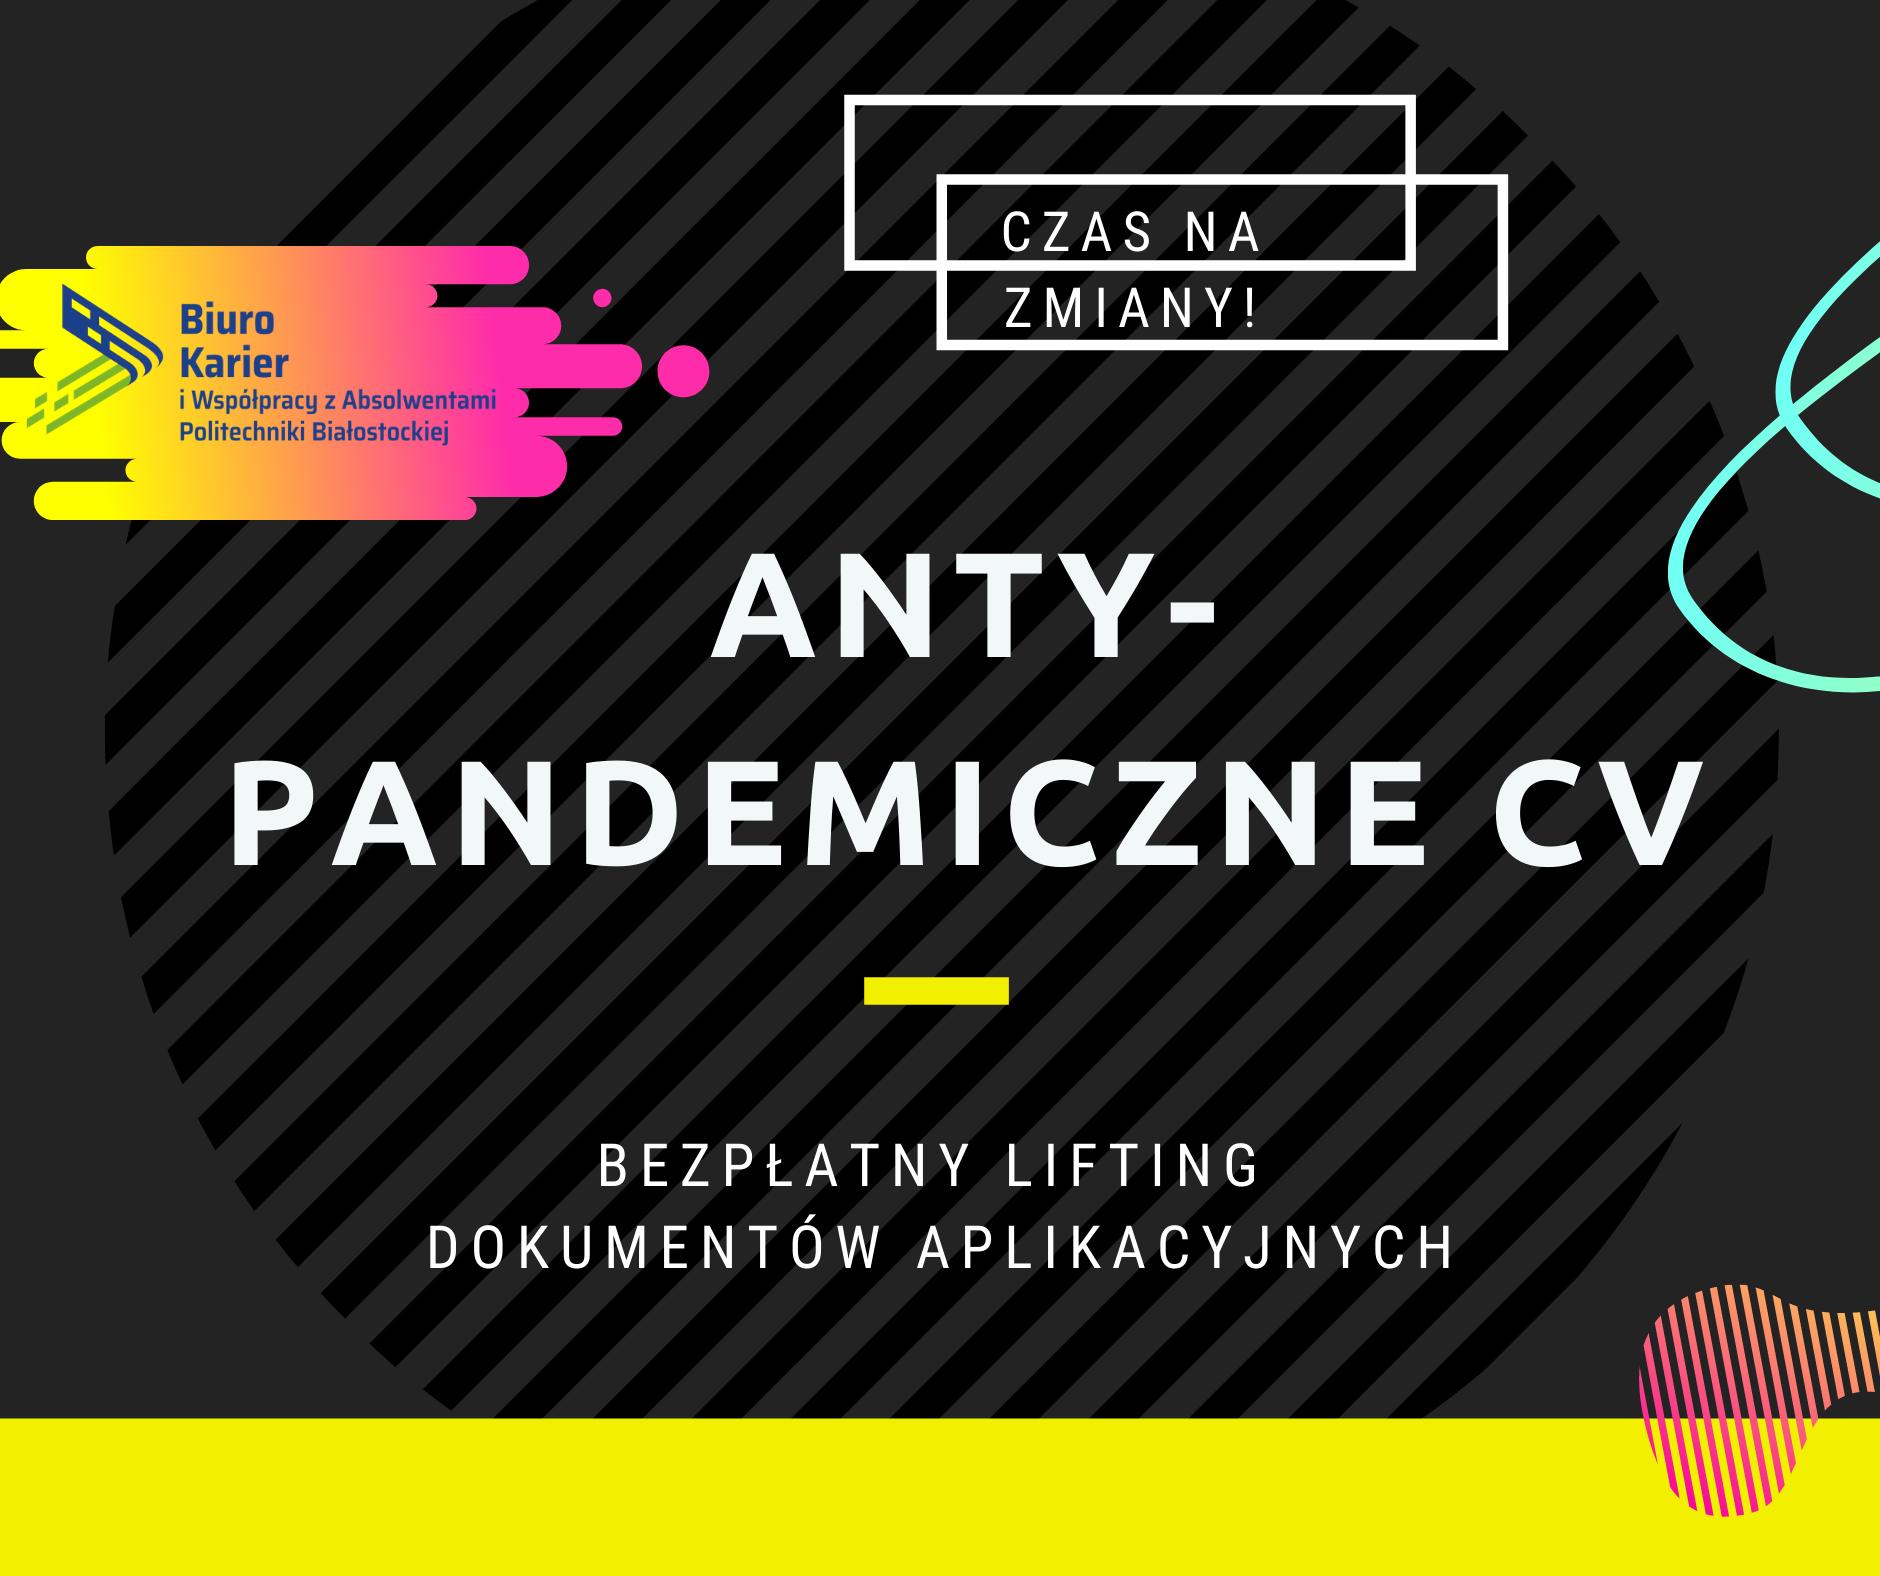 ANTY-pandemiczne CV. Bezpłatny lifting dokumentów aplikacyjnych